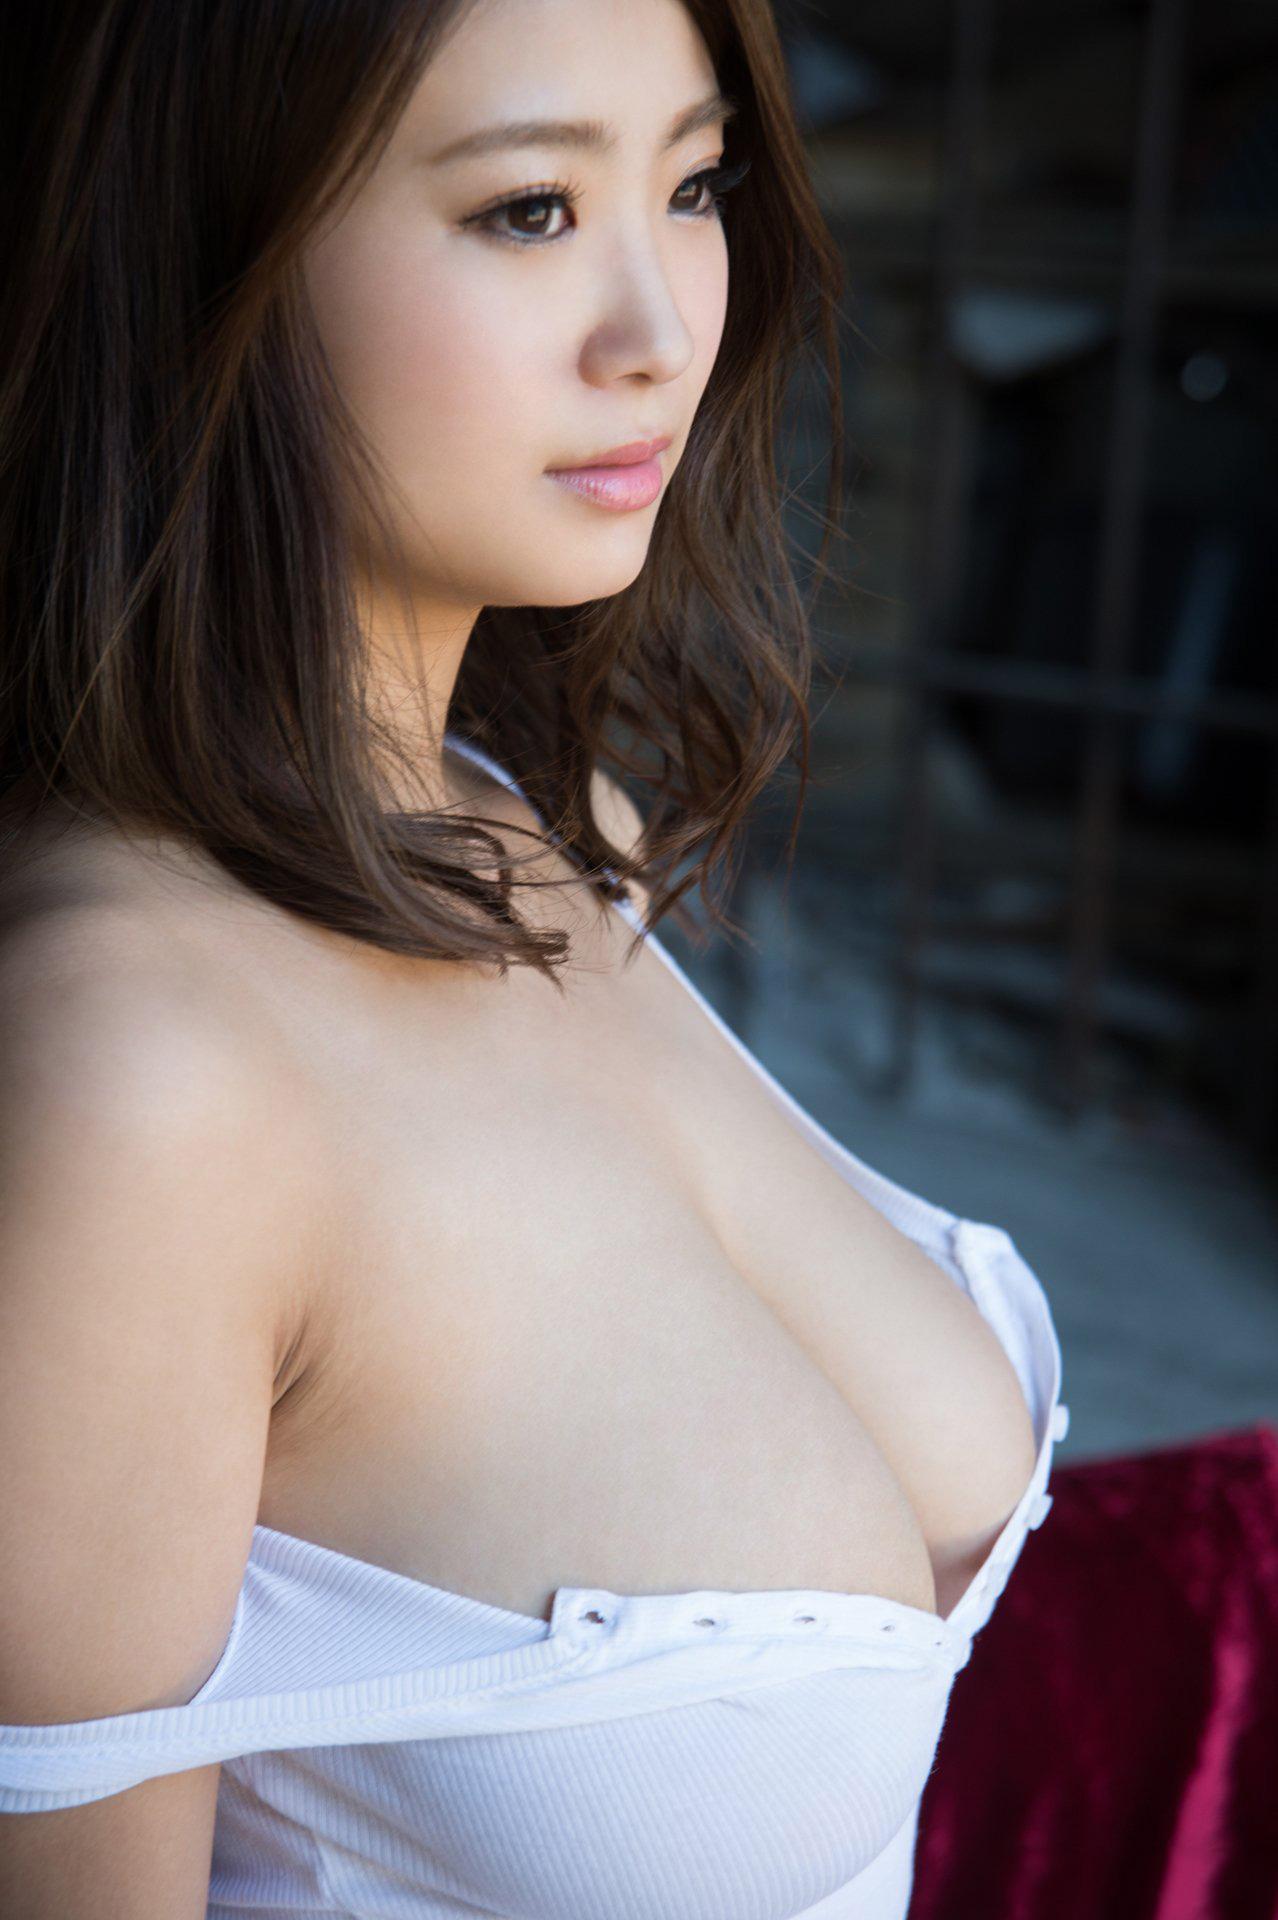 服が捲れて乳首が見えそうで興奮する!